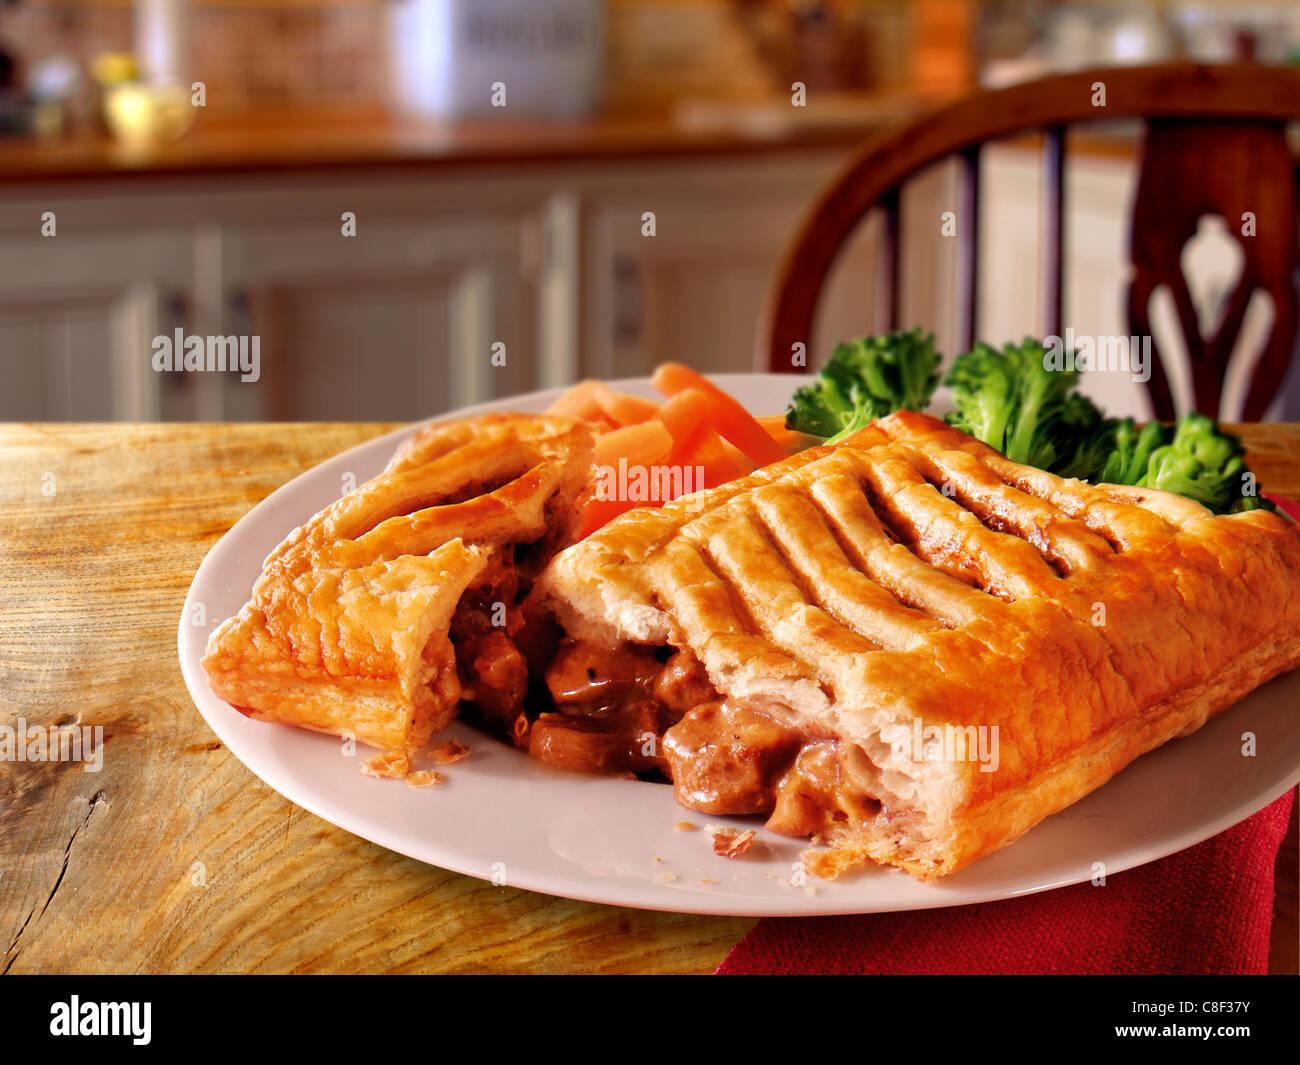 Britisches Essen - Steak-Gitter-Torte gespickt Stockbild